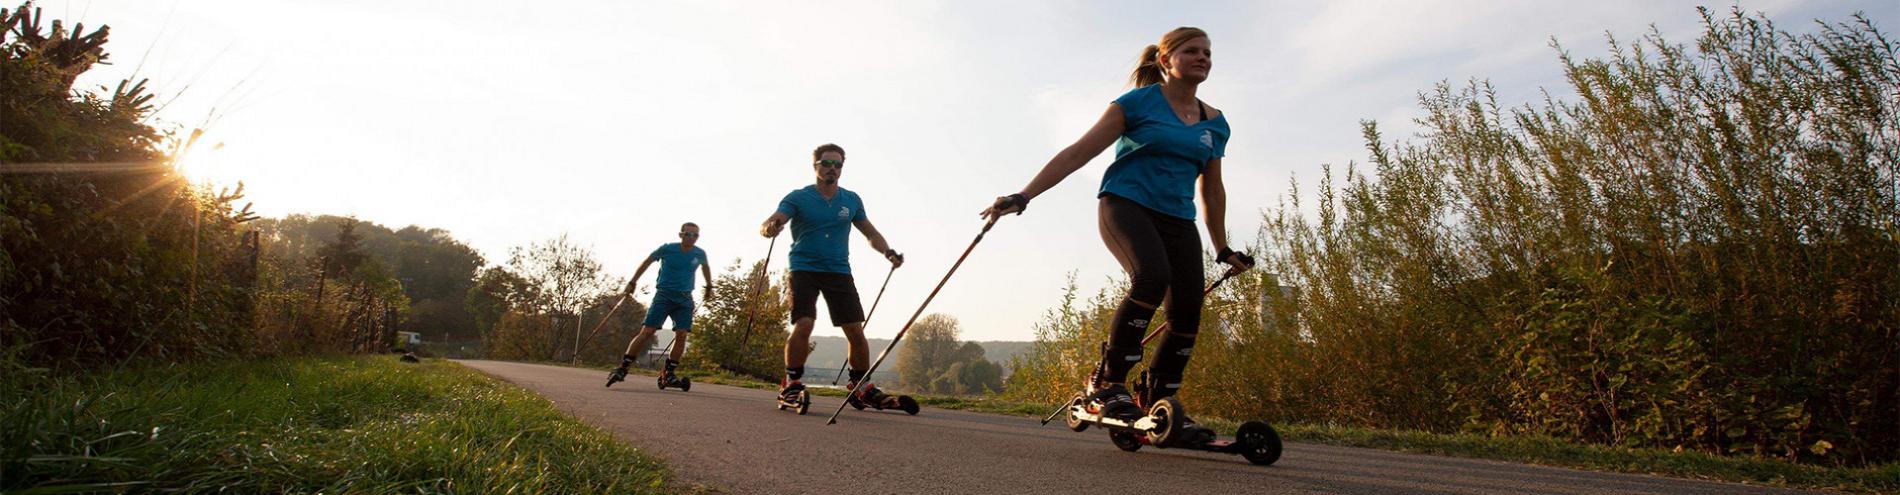 Woka loisirs - Activités Terrestres > Skike